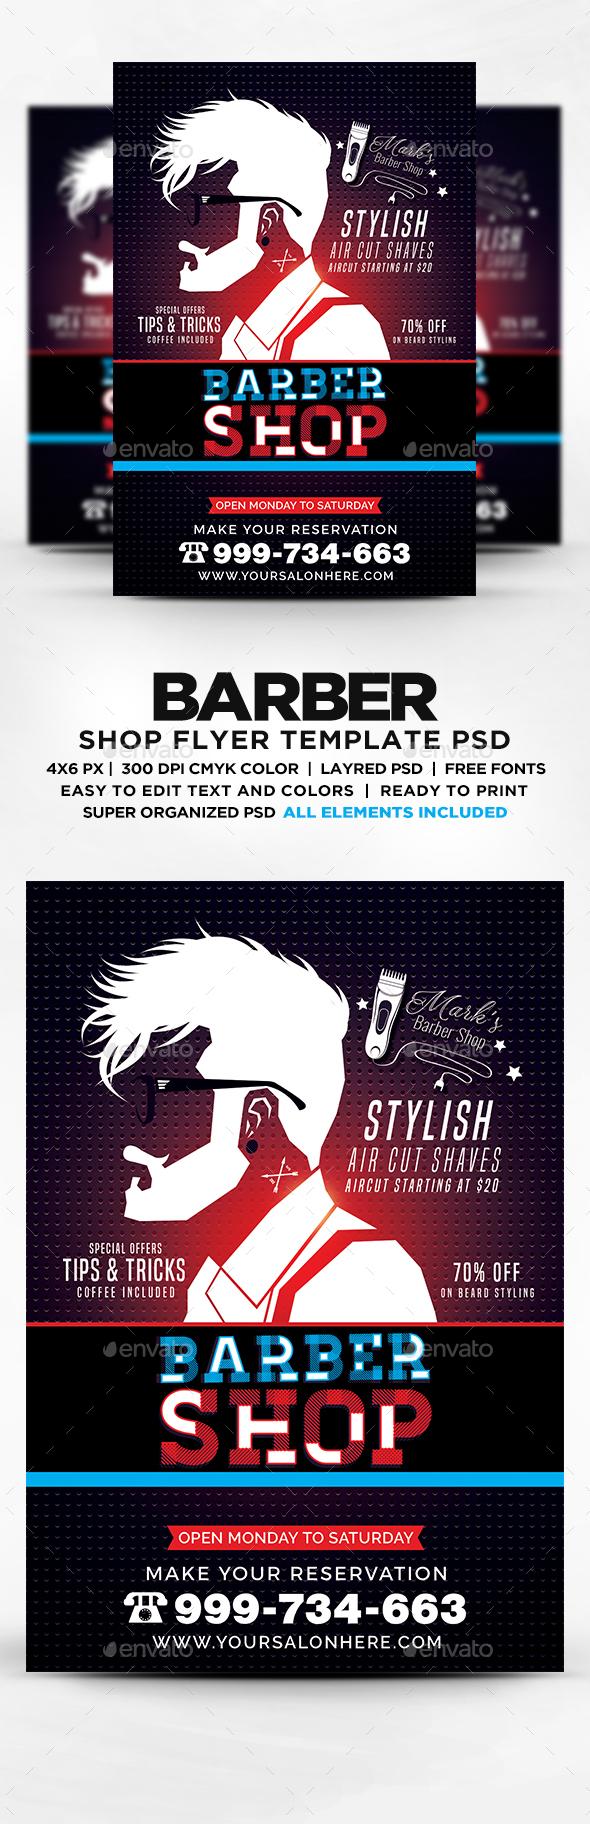 barber shop flyer template psd by designblend graphicriver. Black Bedroom Furniture Sets. Home Design Ideas